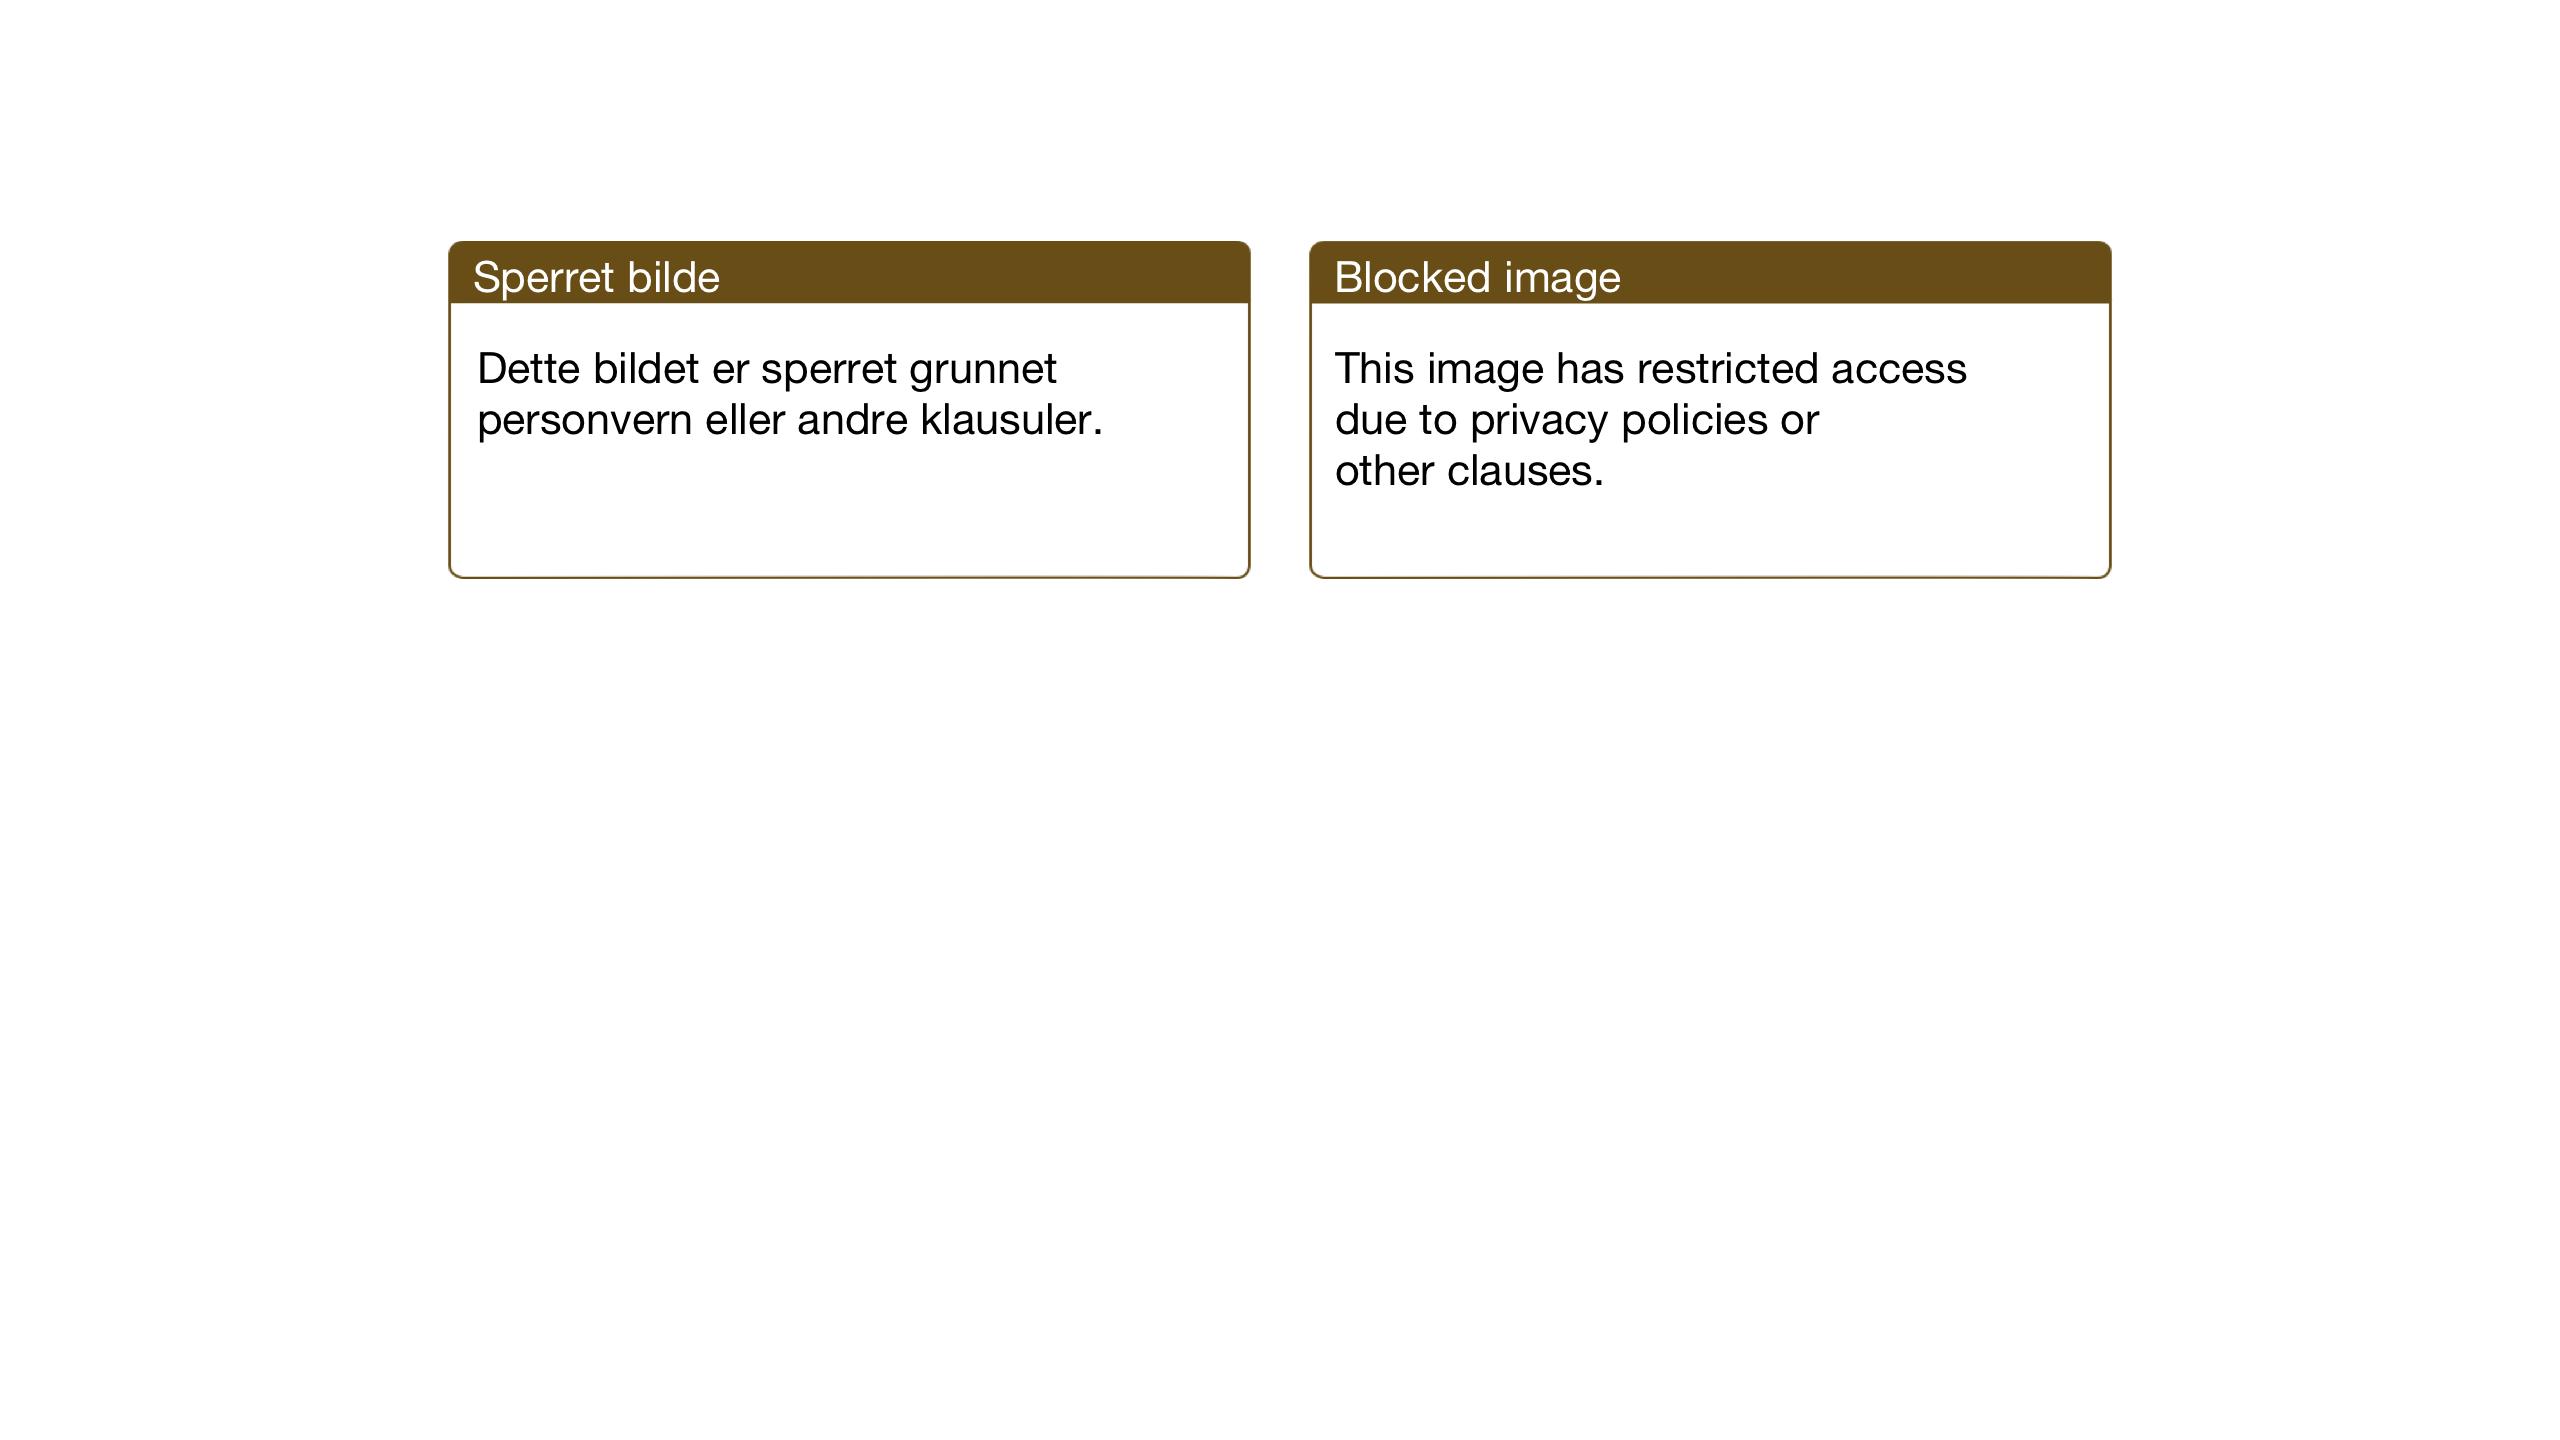 SAT, Ministerialprotokoller, klokkerbøker og fødselsregistre - Sør-Trøndelag, 659/L0747: Klokkerbok nr. 659C04, 1913-1938, s. 153